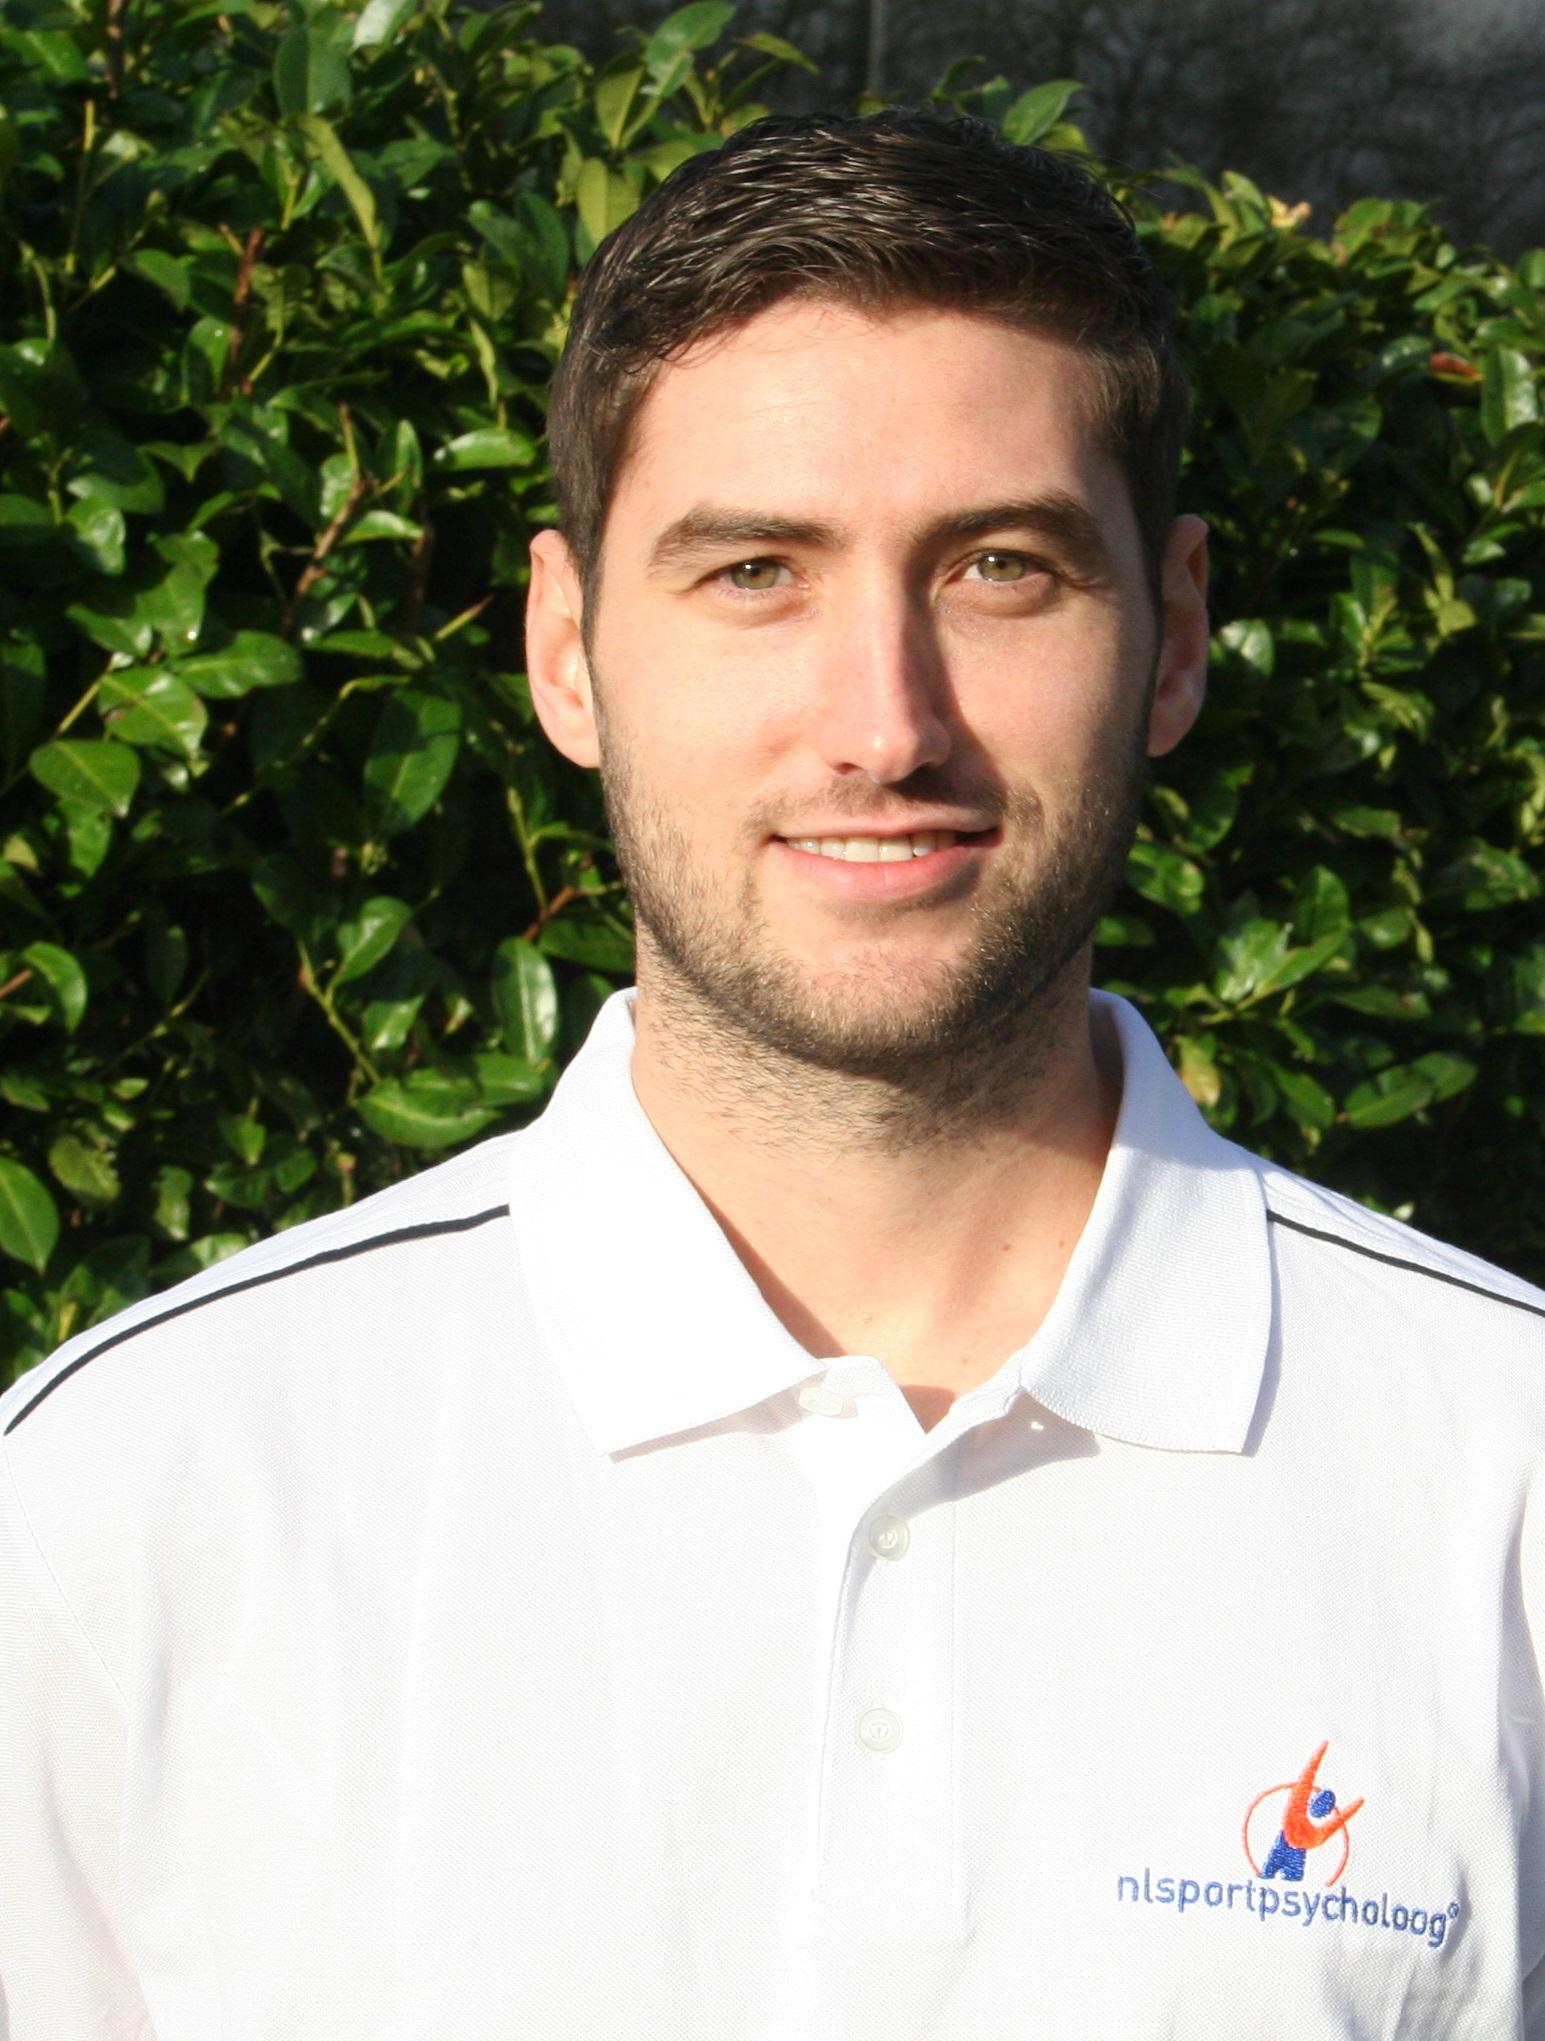 NL sportpsycholoog Thijs Rentier - Zeeland